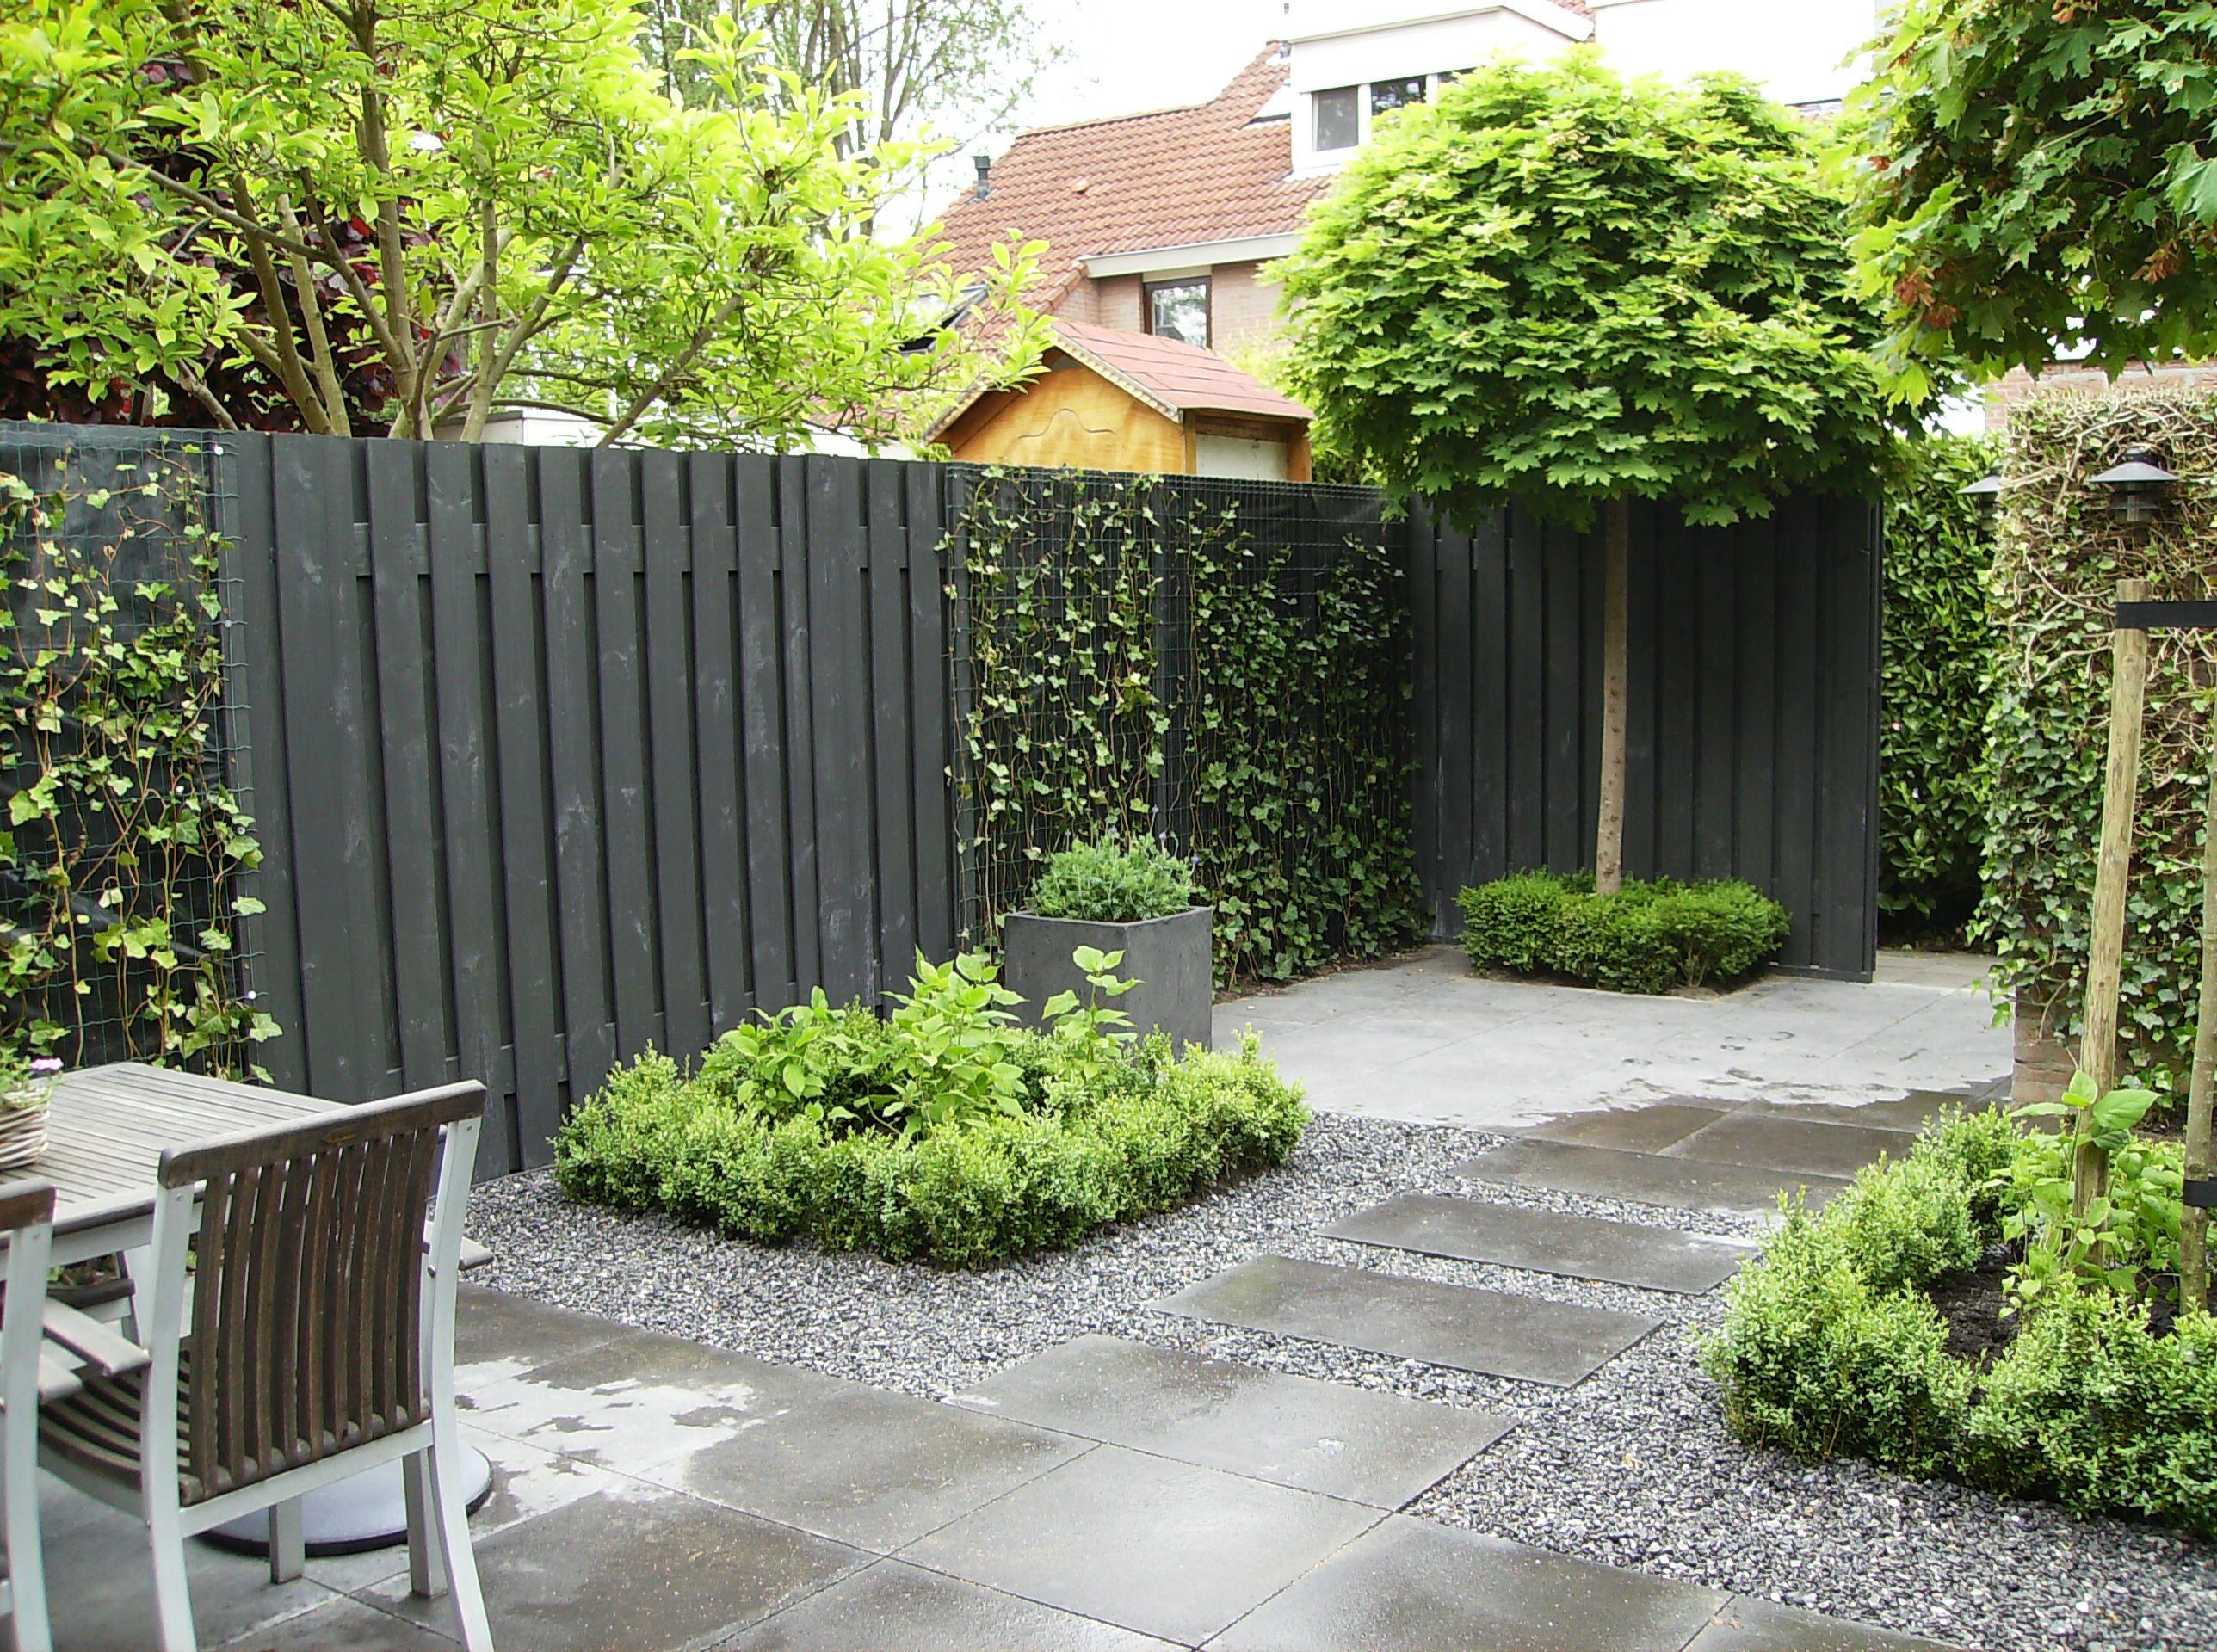 Tuininspiratie voor een kleine achtertuin met veel grijstinten